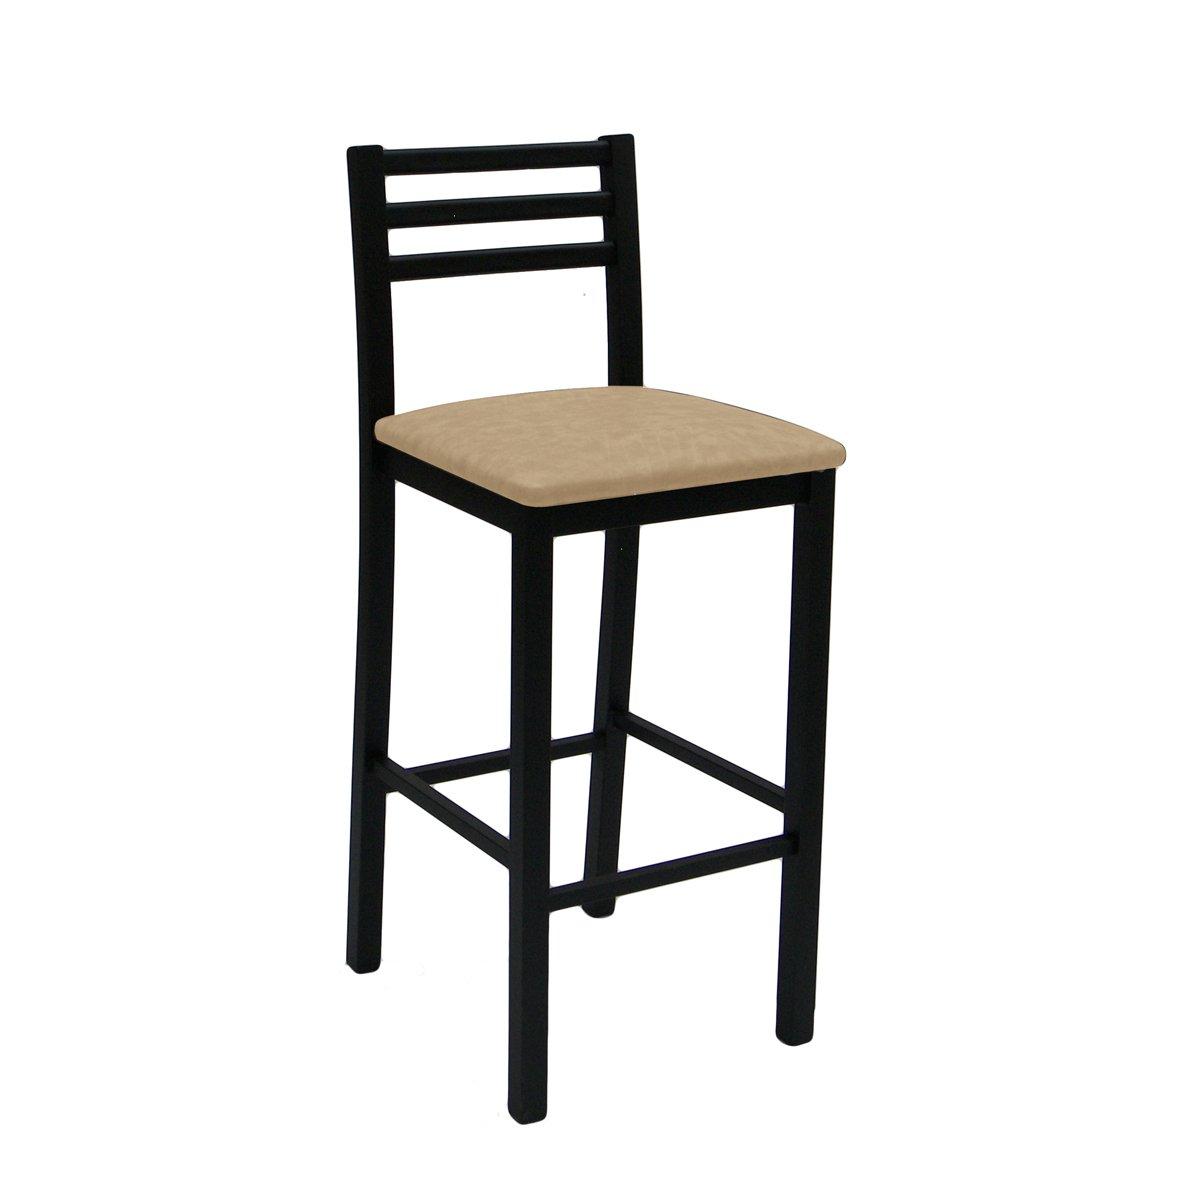 Banco asiento tapizado tubular diolo muebles durex sears for Pisos en silla de bancos